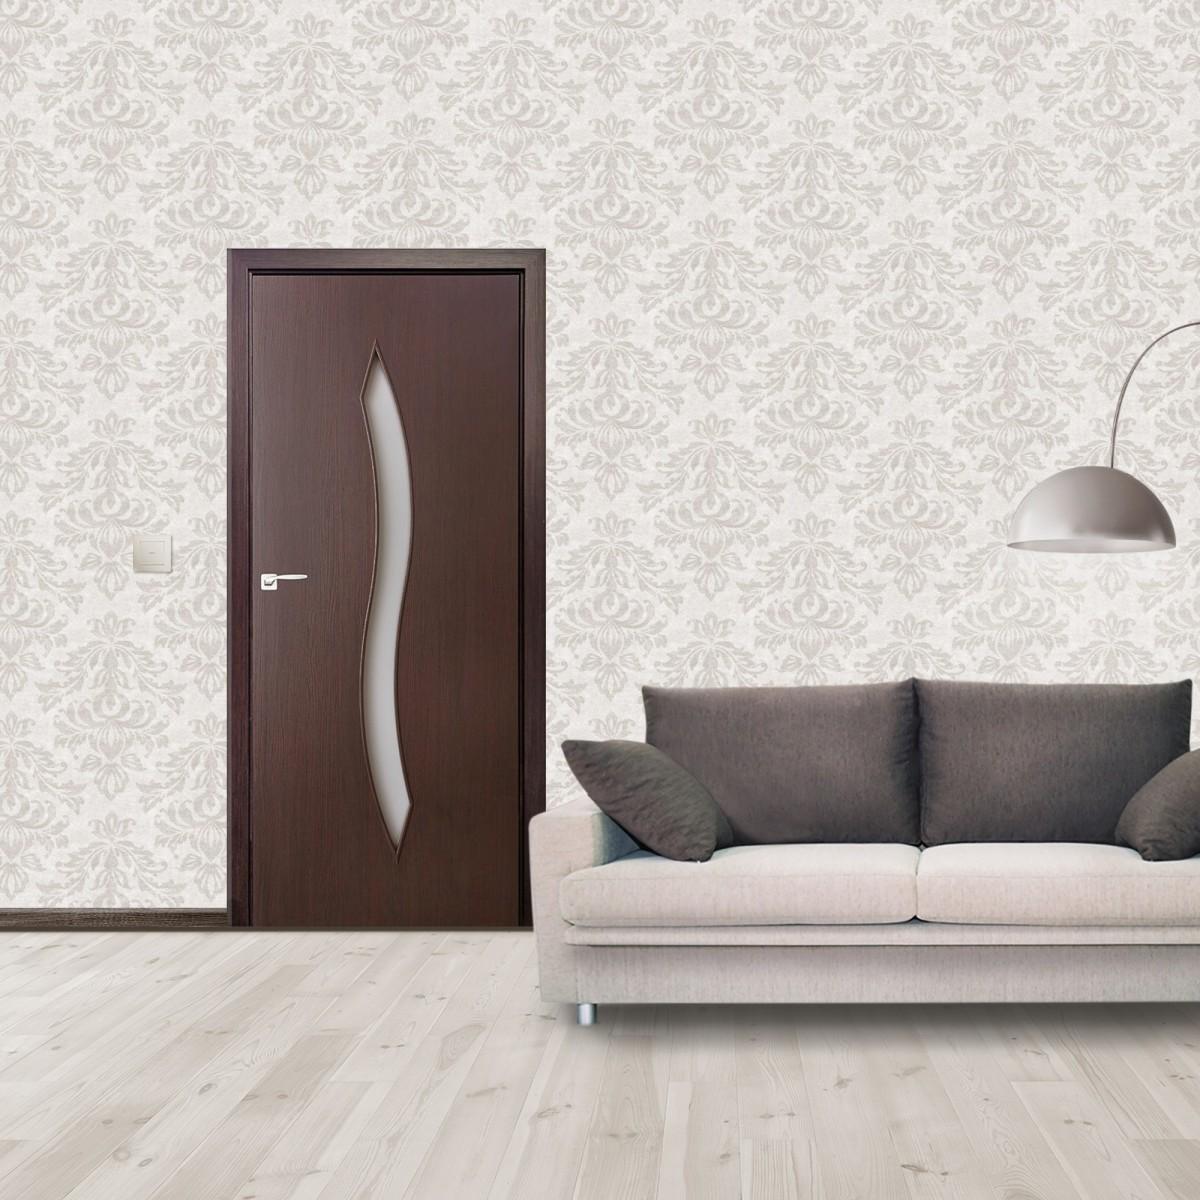 Дверь Межкомнатная Остеклённая Aura 90x200 Ламинация Цвет Венге 3d